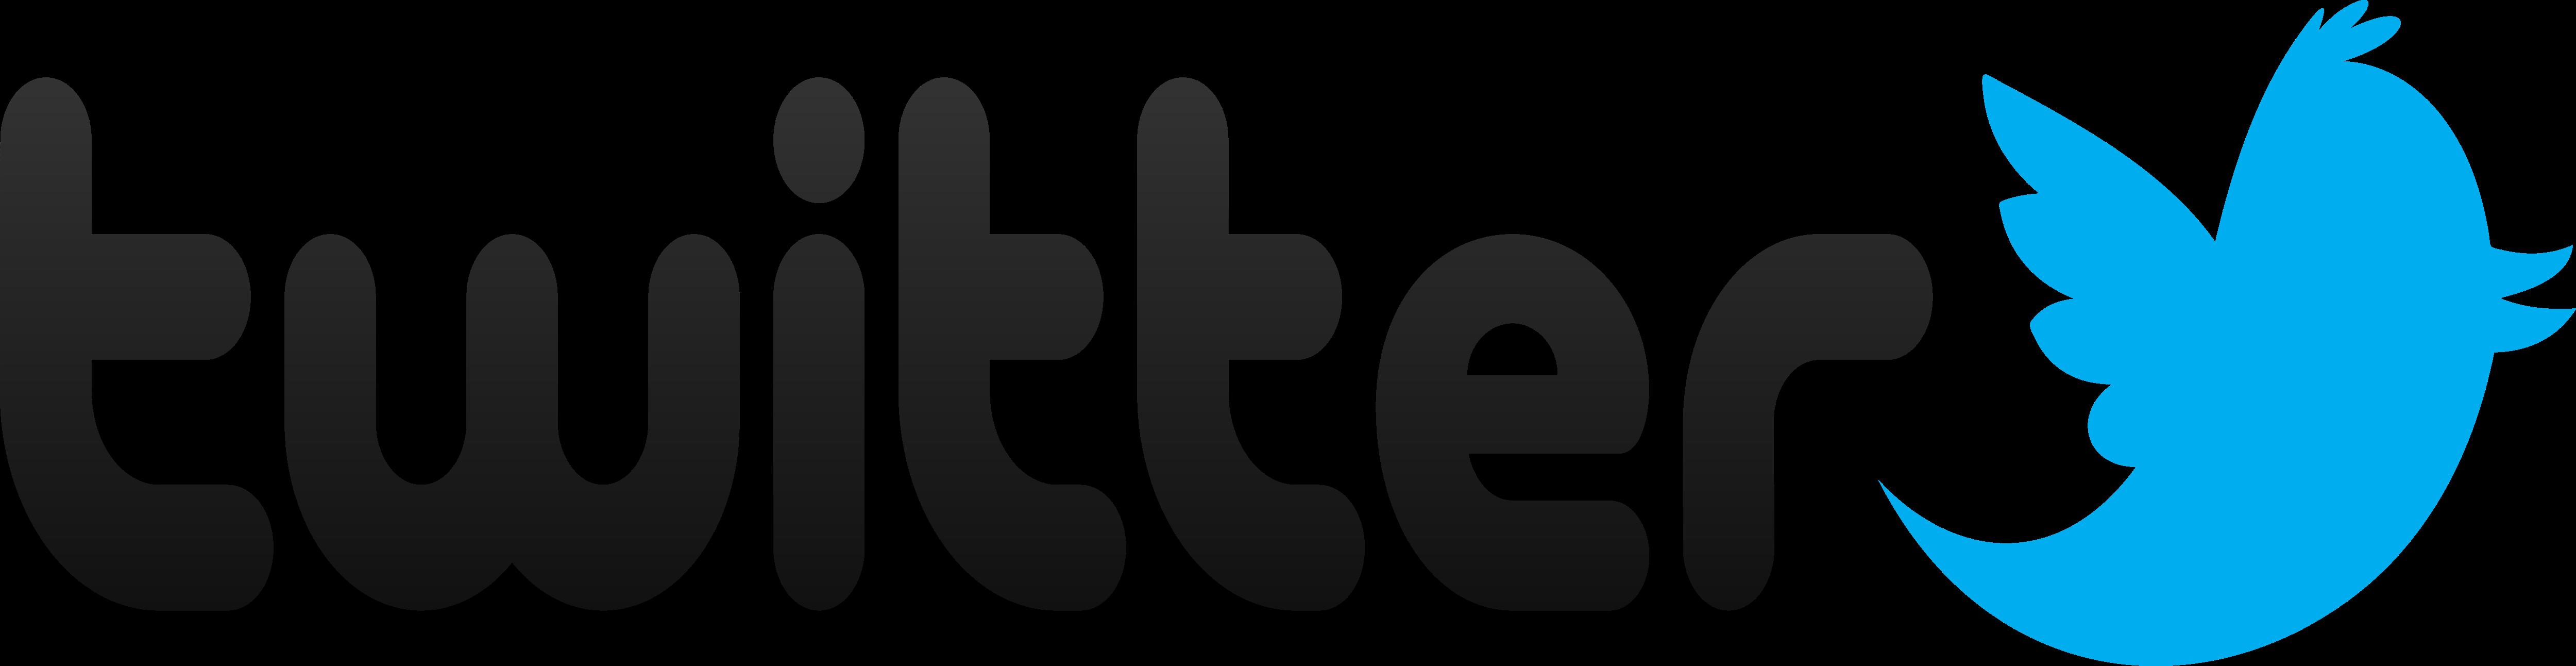 Twitter - Logos Download